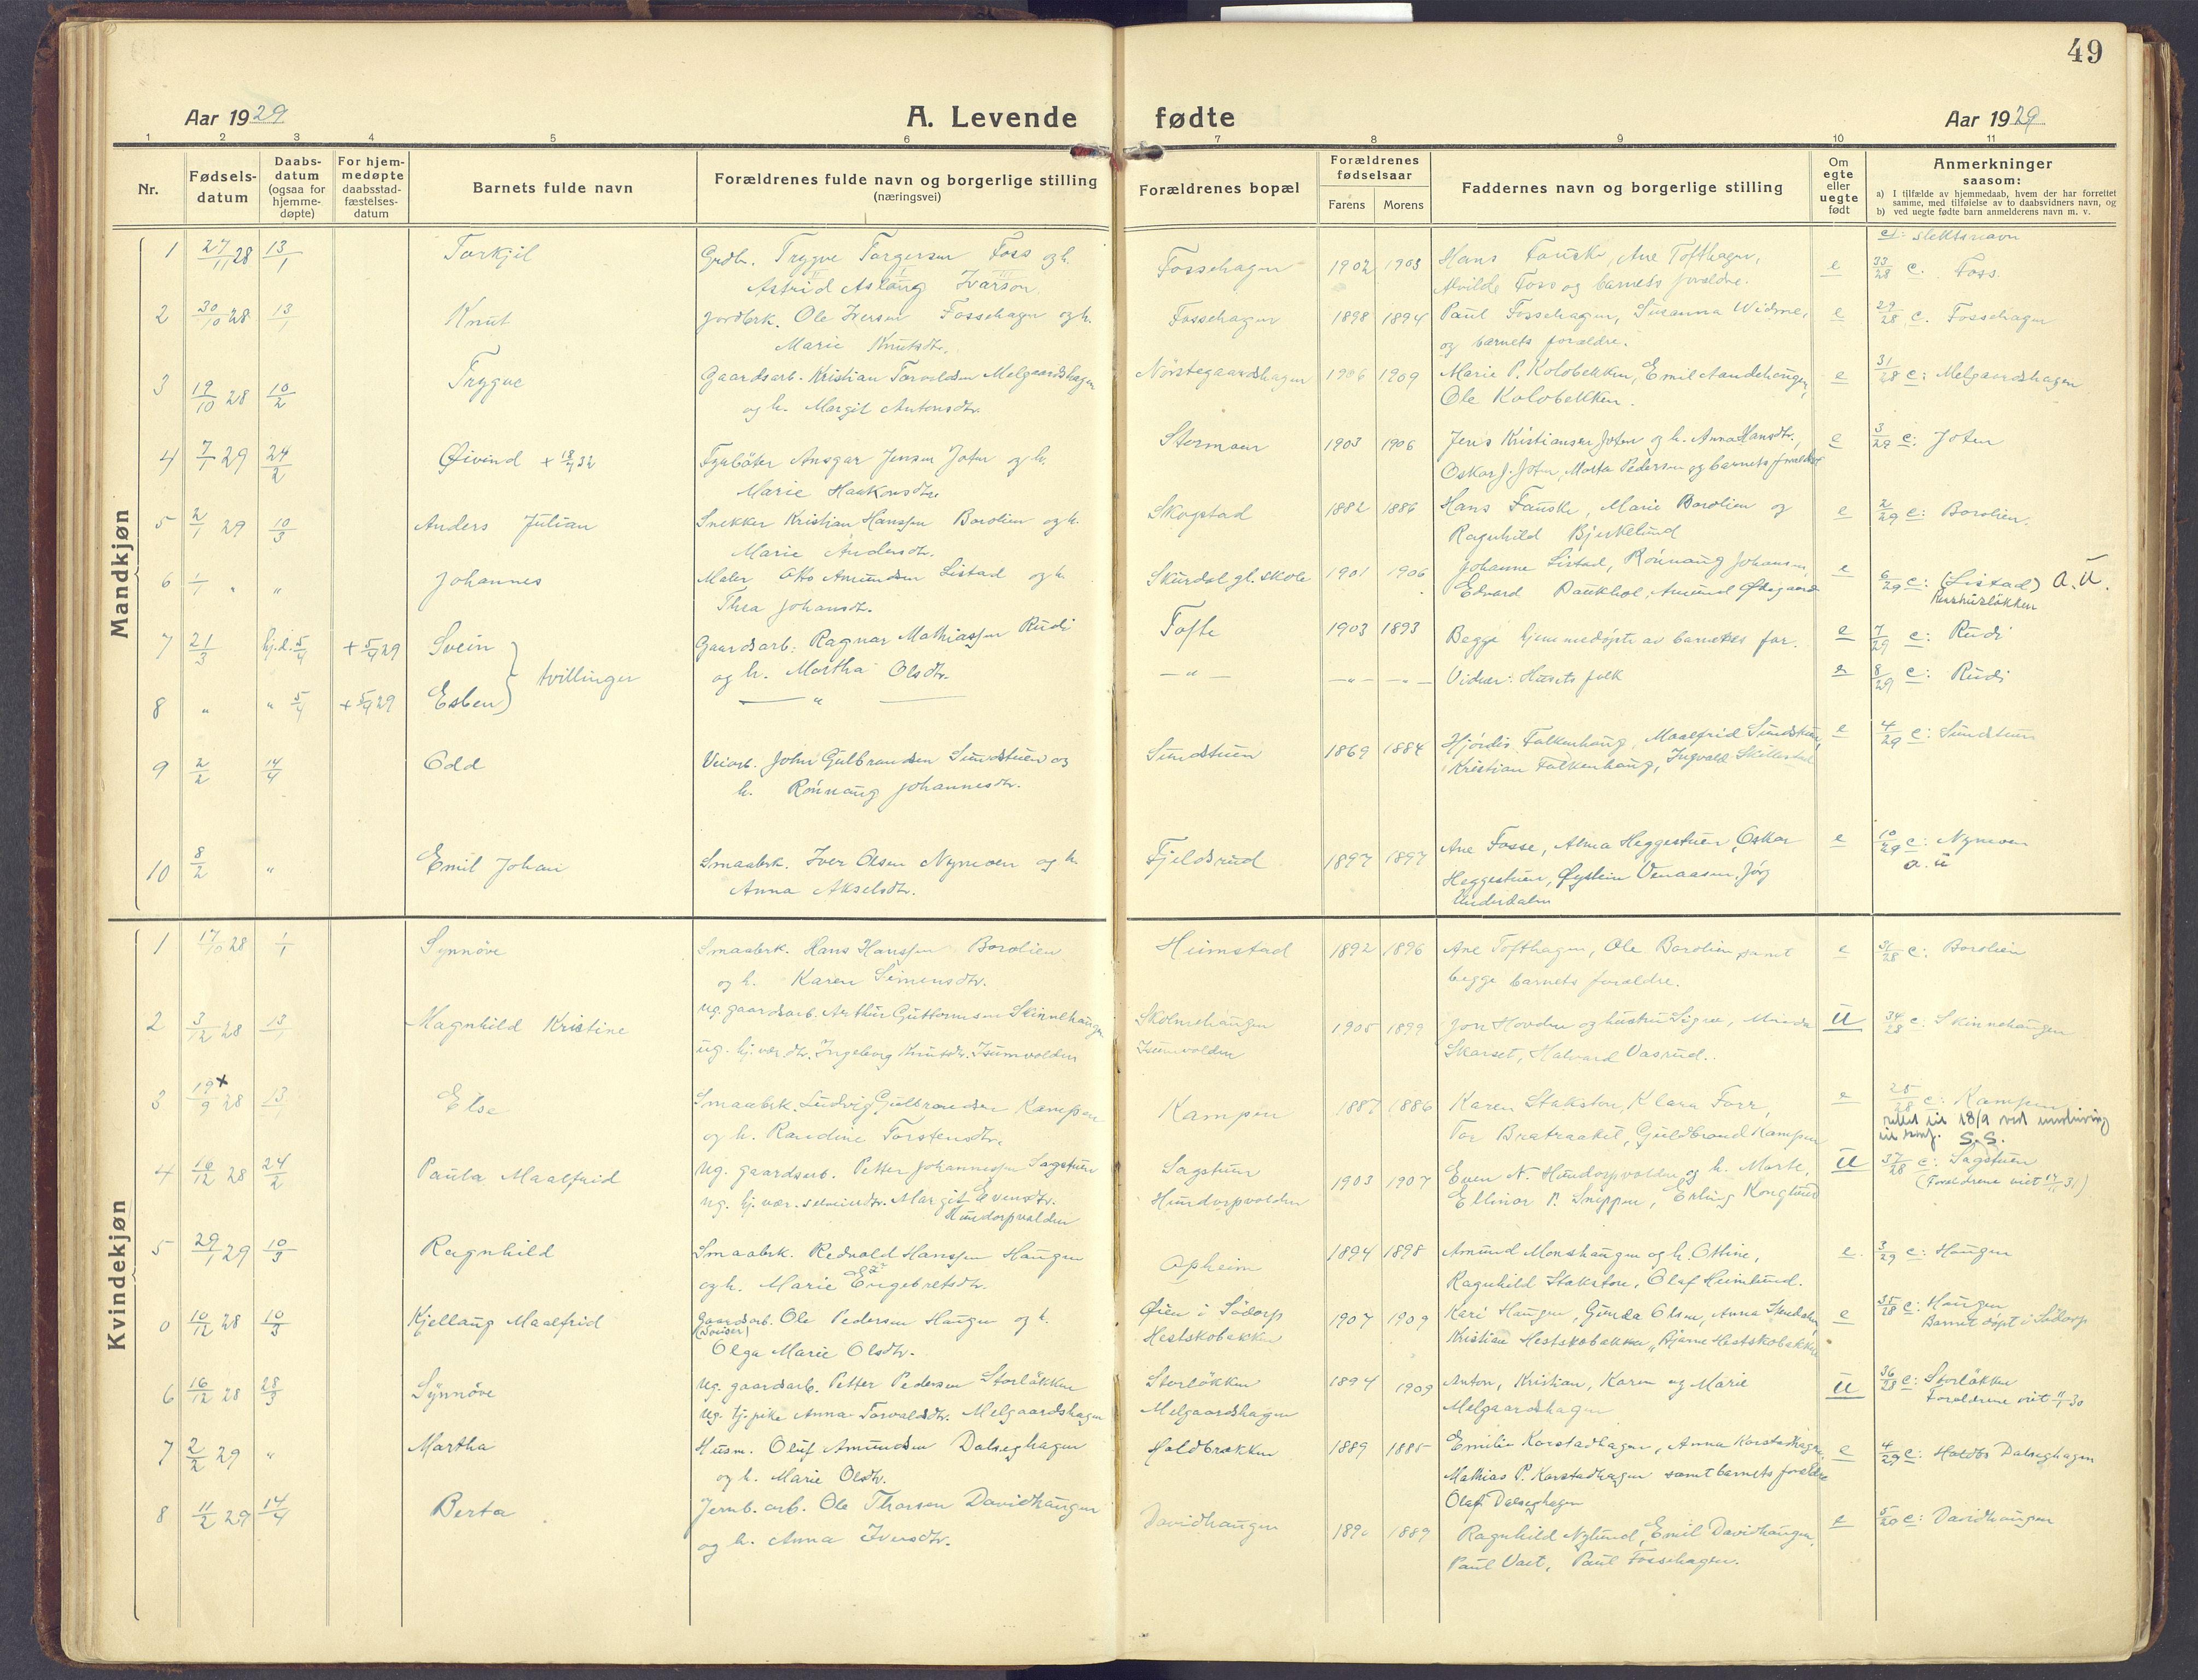 SAH, Sør-Fron prestekontor, H/Ha/Haa/L0005: Ministerialbok nr. 5, 1920-1933, s. 49